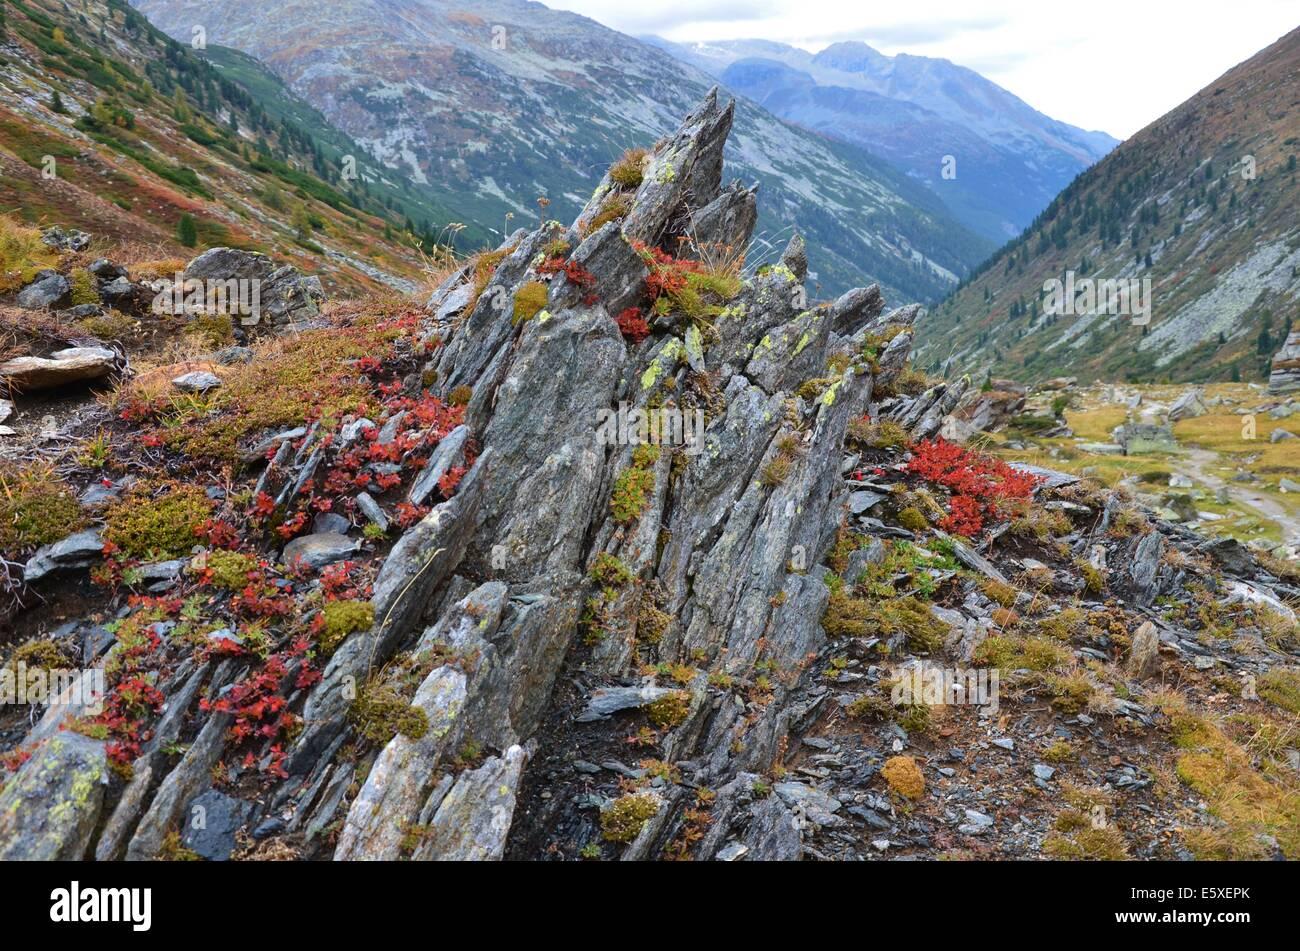 autumn in the Zillertal Alps High Alpine Nature Park of the Zillertal Alps, Tirol, Austria. Zillertal Main Ridge Stock Photo